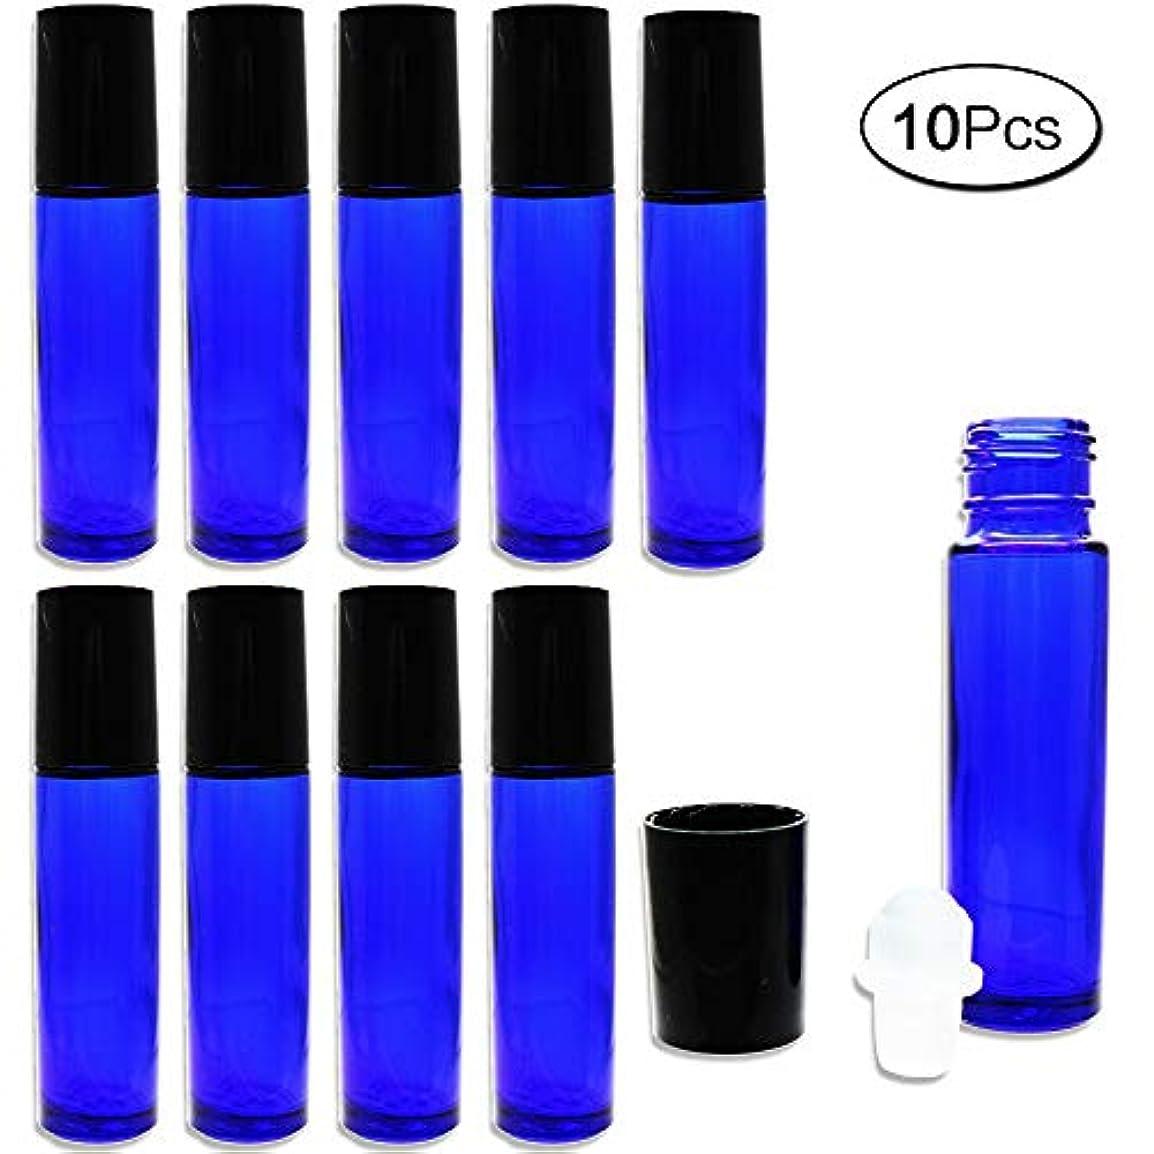 非武装化トラブルブラウン10ml ロールオンボトル アロマオイル ガラスロール 詰め替え 遮光瓶 10本セット